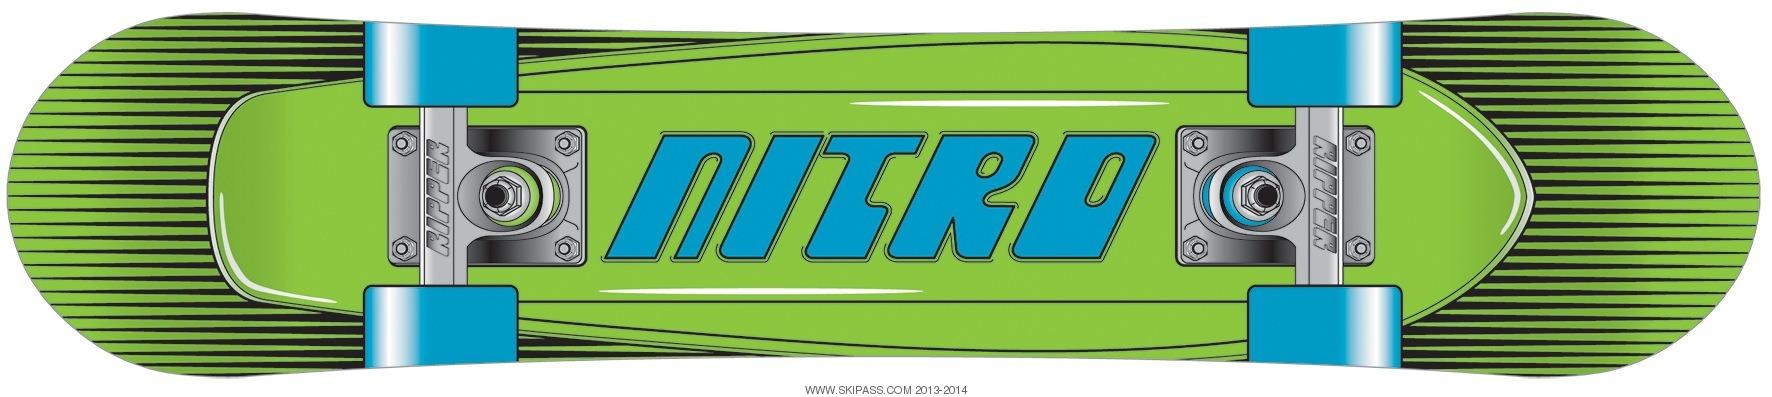 Nitro Ripper